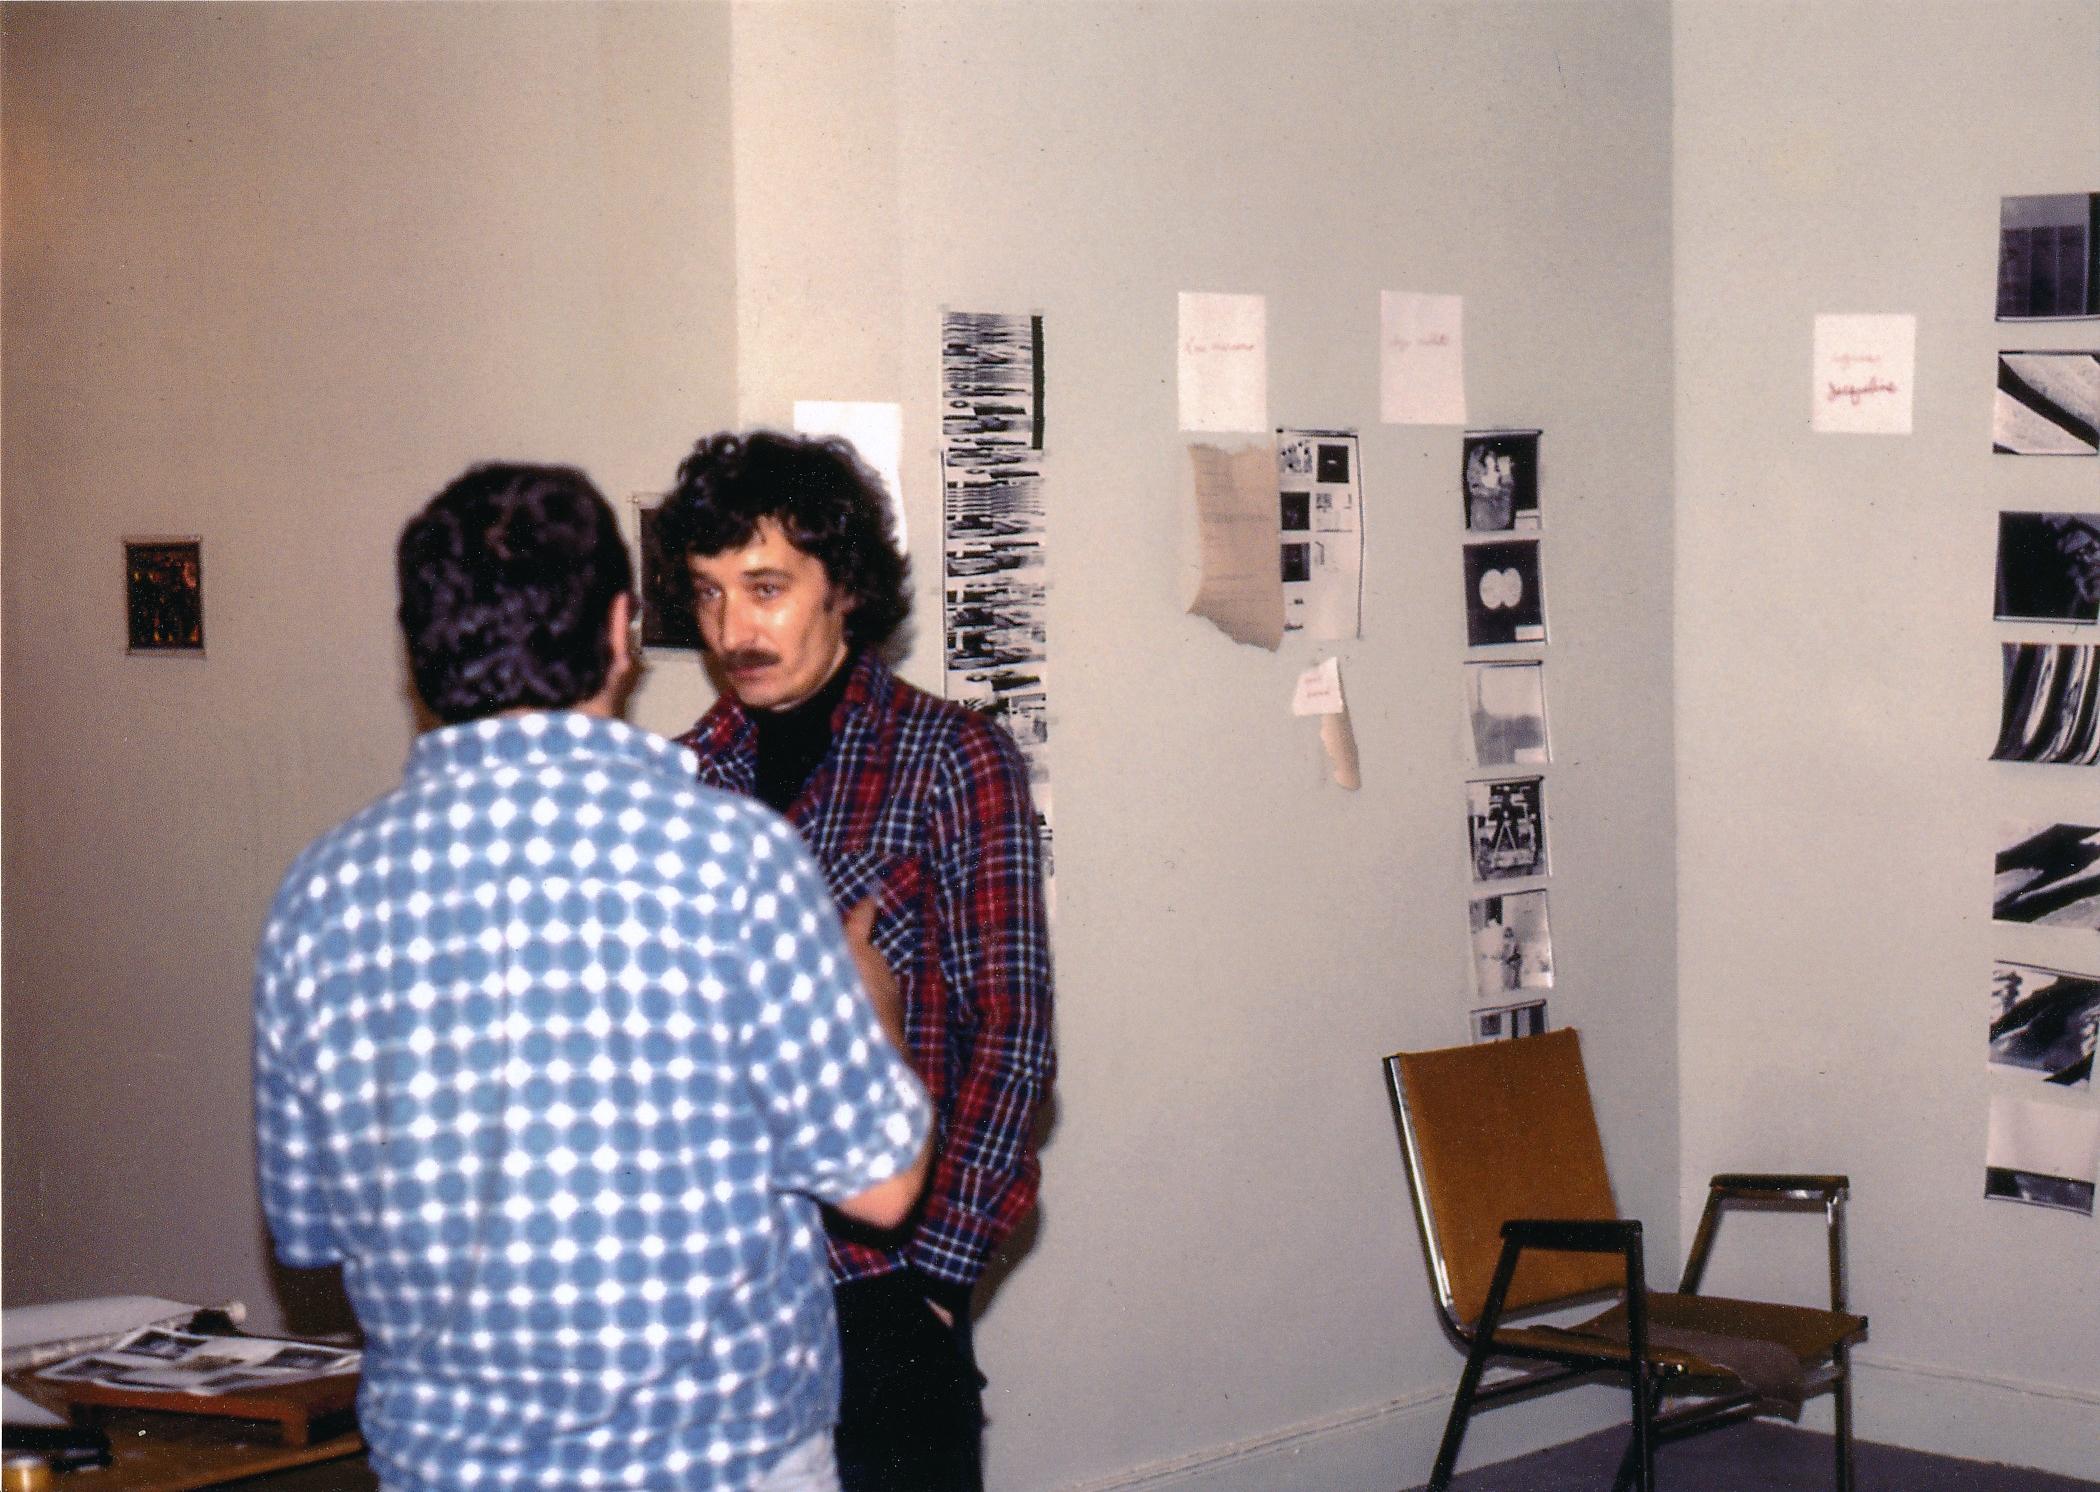 Yvon Gallant et André Thériault devant l'installation des images envoyés par la machine photolaser.